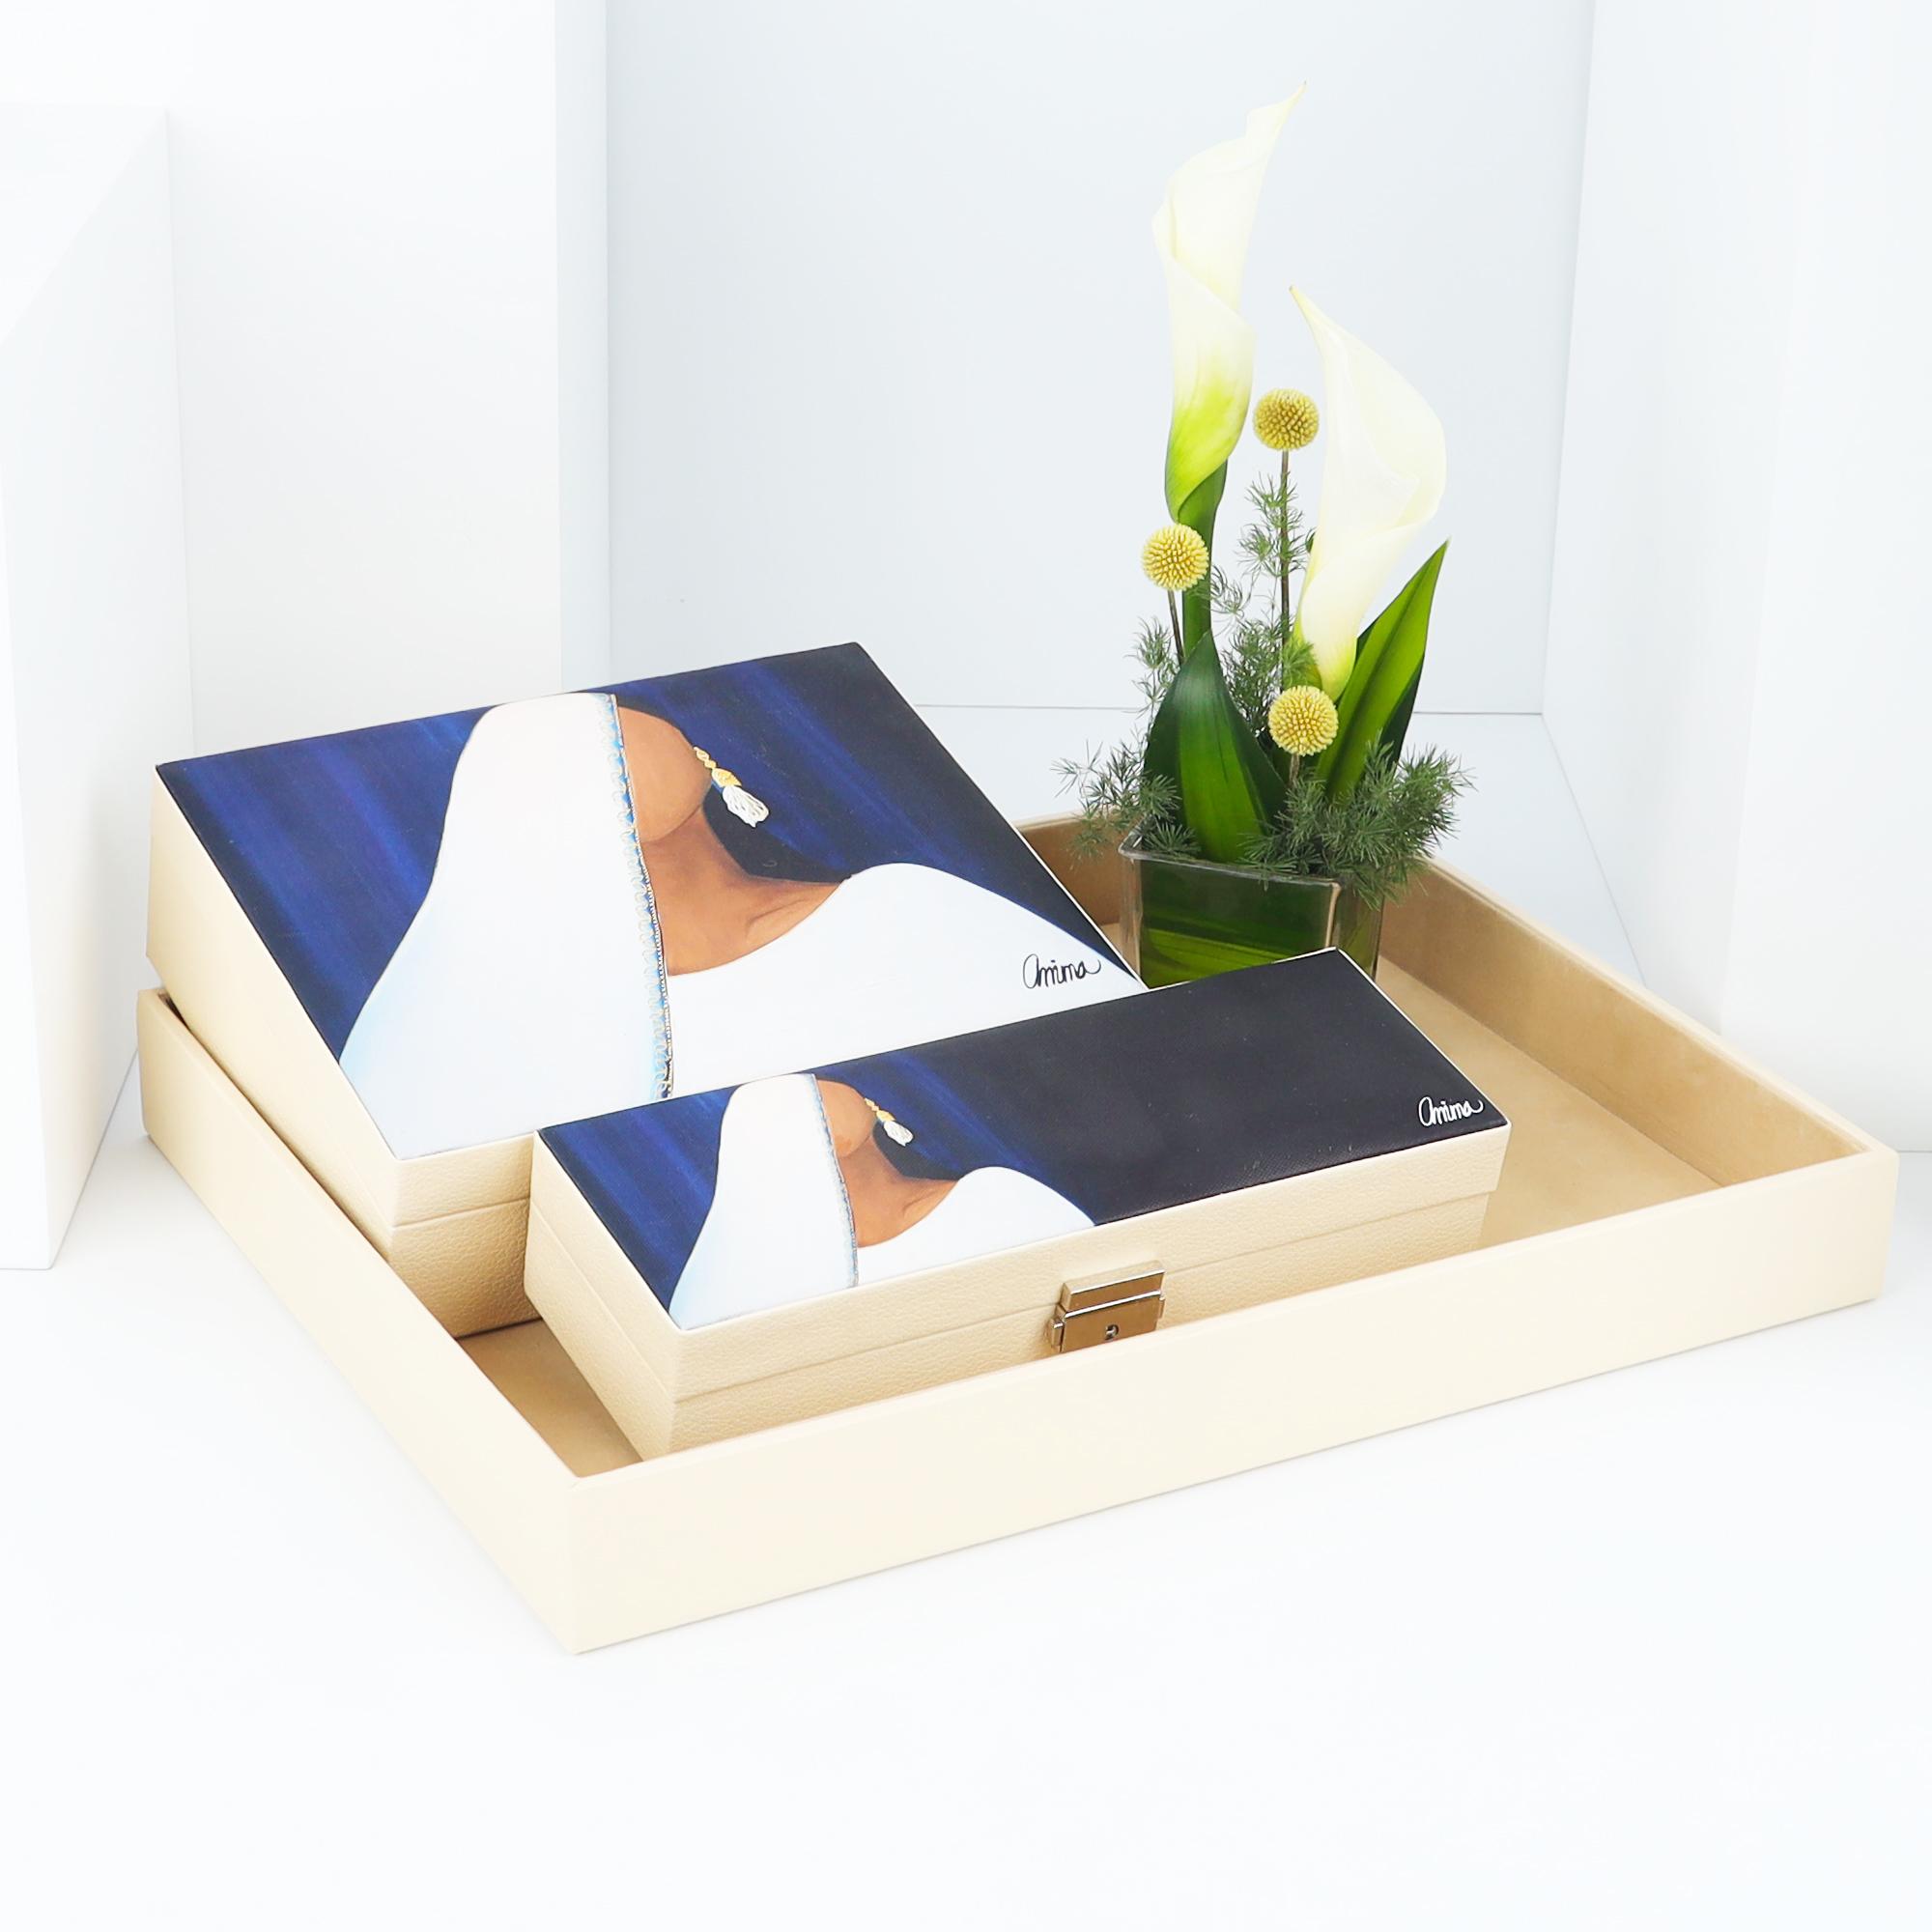 Amina's Jewllery Box